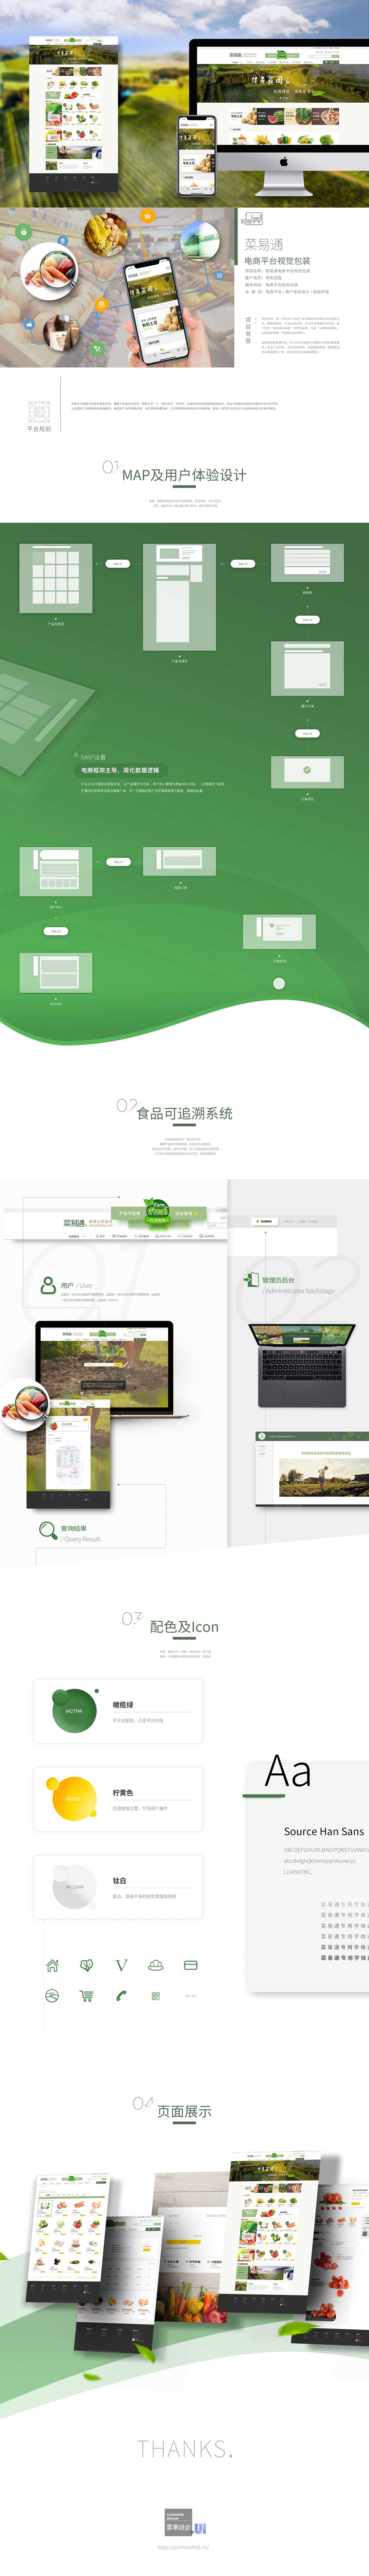 菜易通 电商平台UI设计及视觉包装